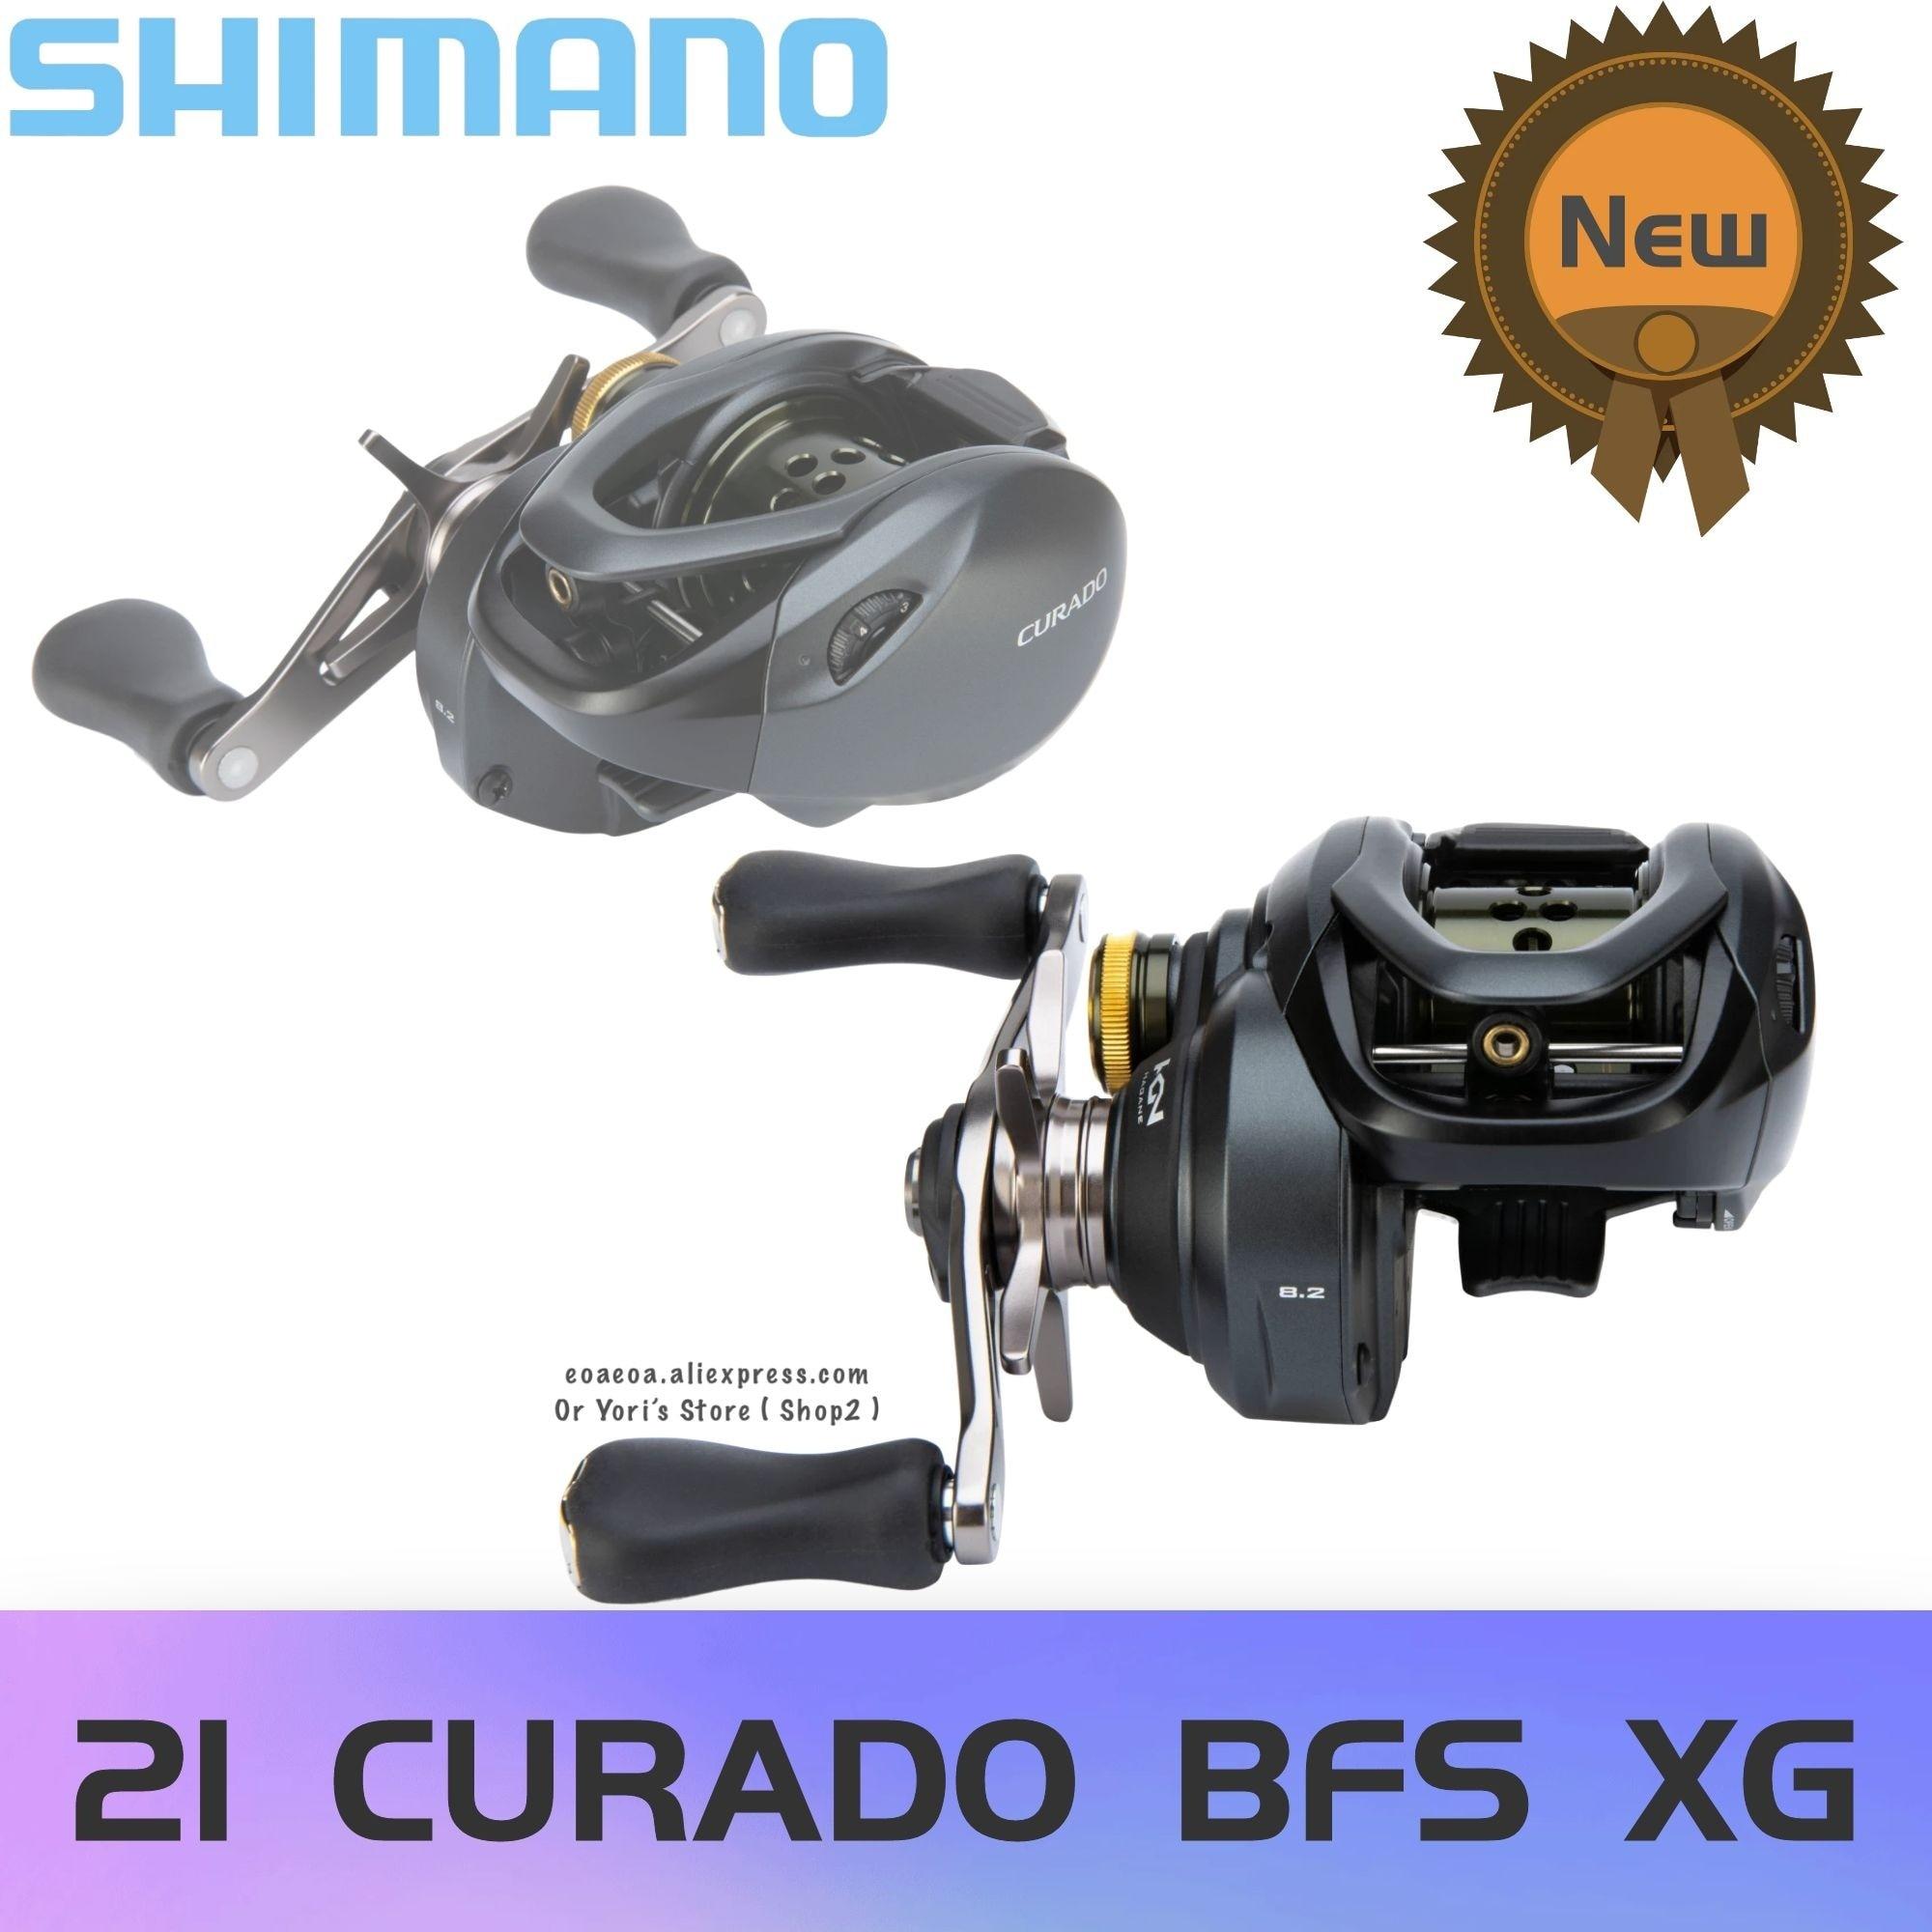 2021 Shimano Curado BFS XG 8:2:1, максимальное усилие фрикциона 3,5 кг, 175 г, 7BB + 1RB приманка, катушка для заброса, японская оригинальная Рыболовная Снасть